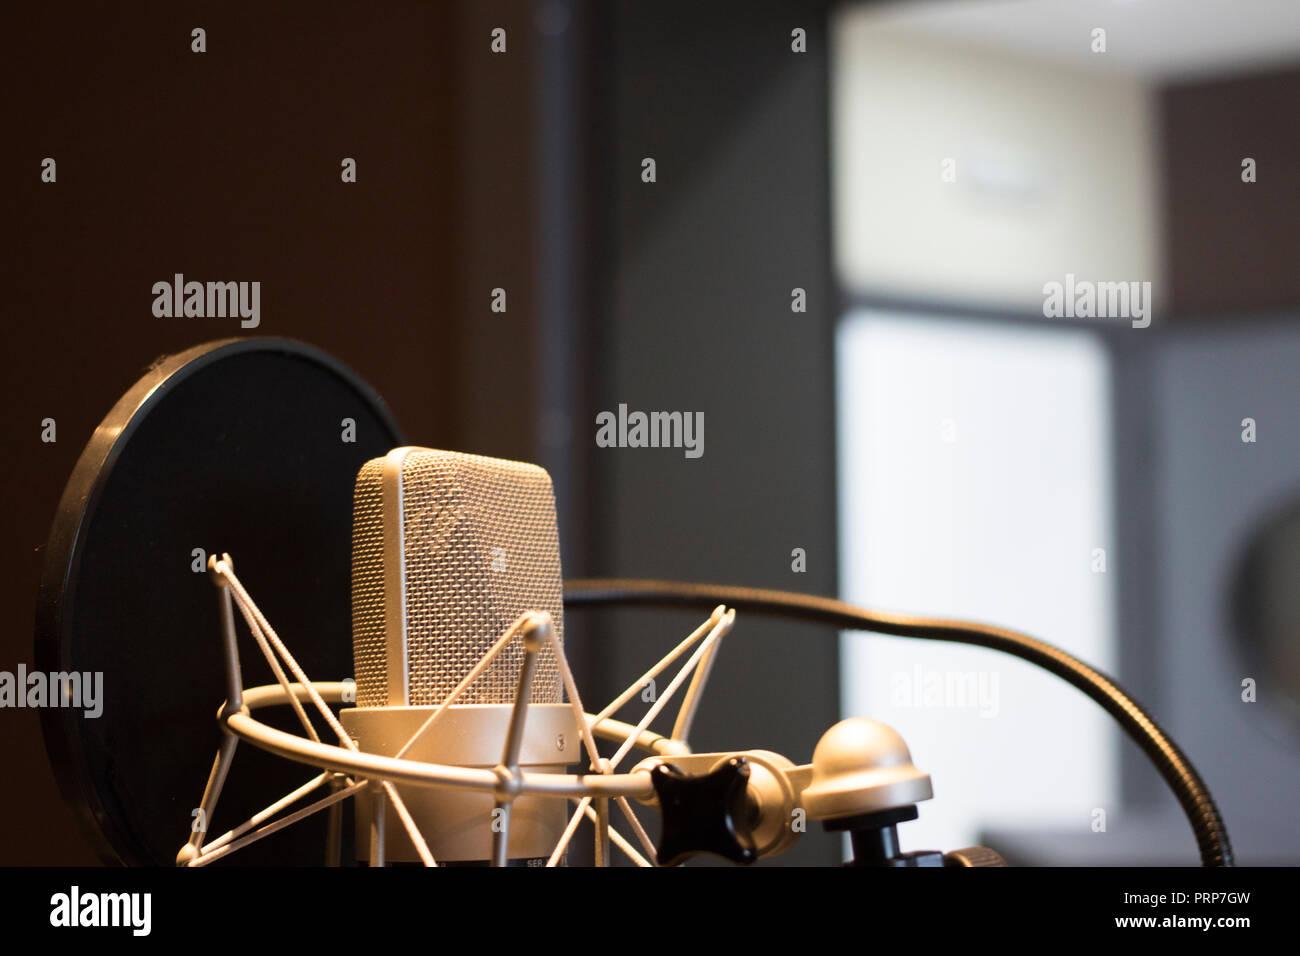 Recording audio studio microphone to record audio of voice